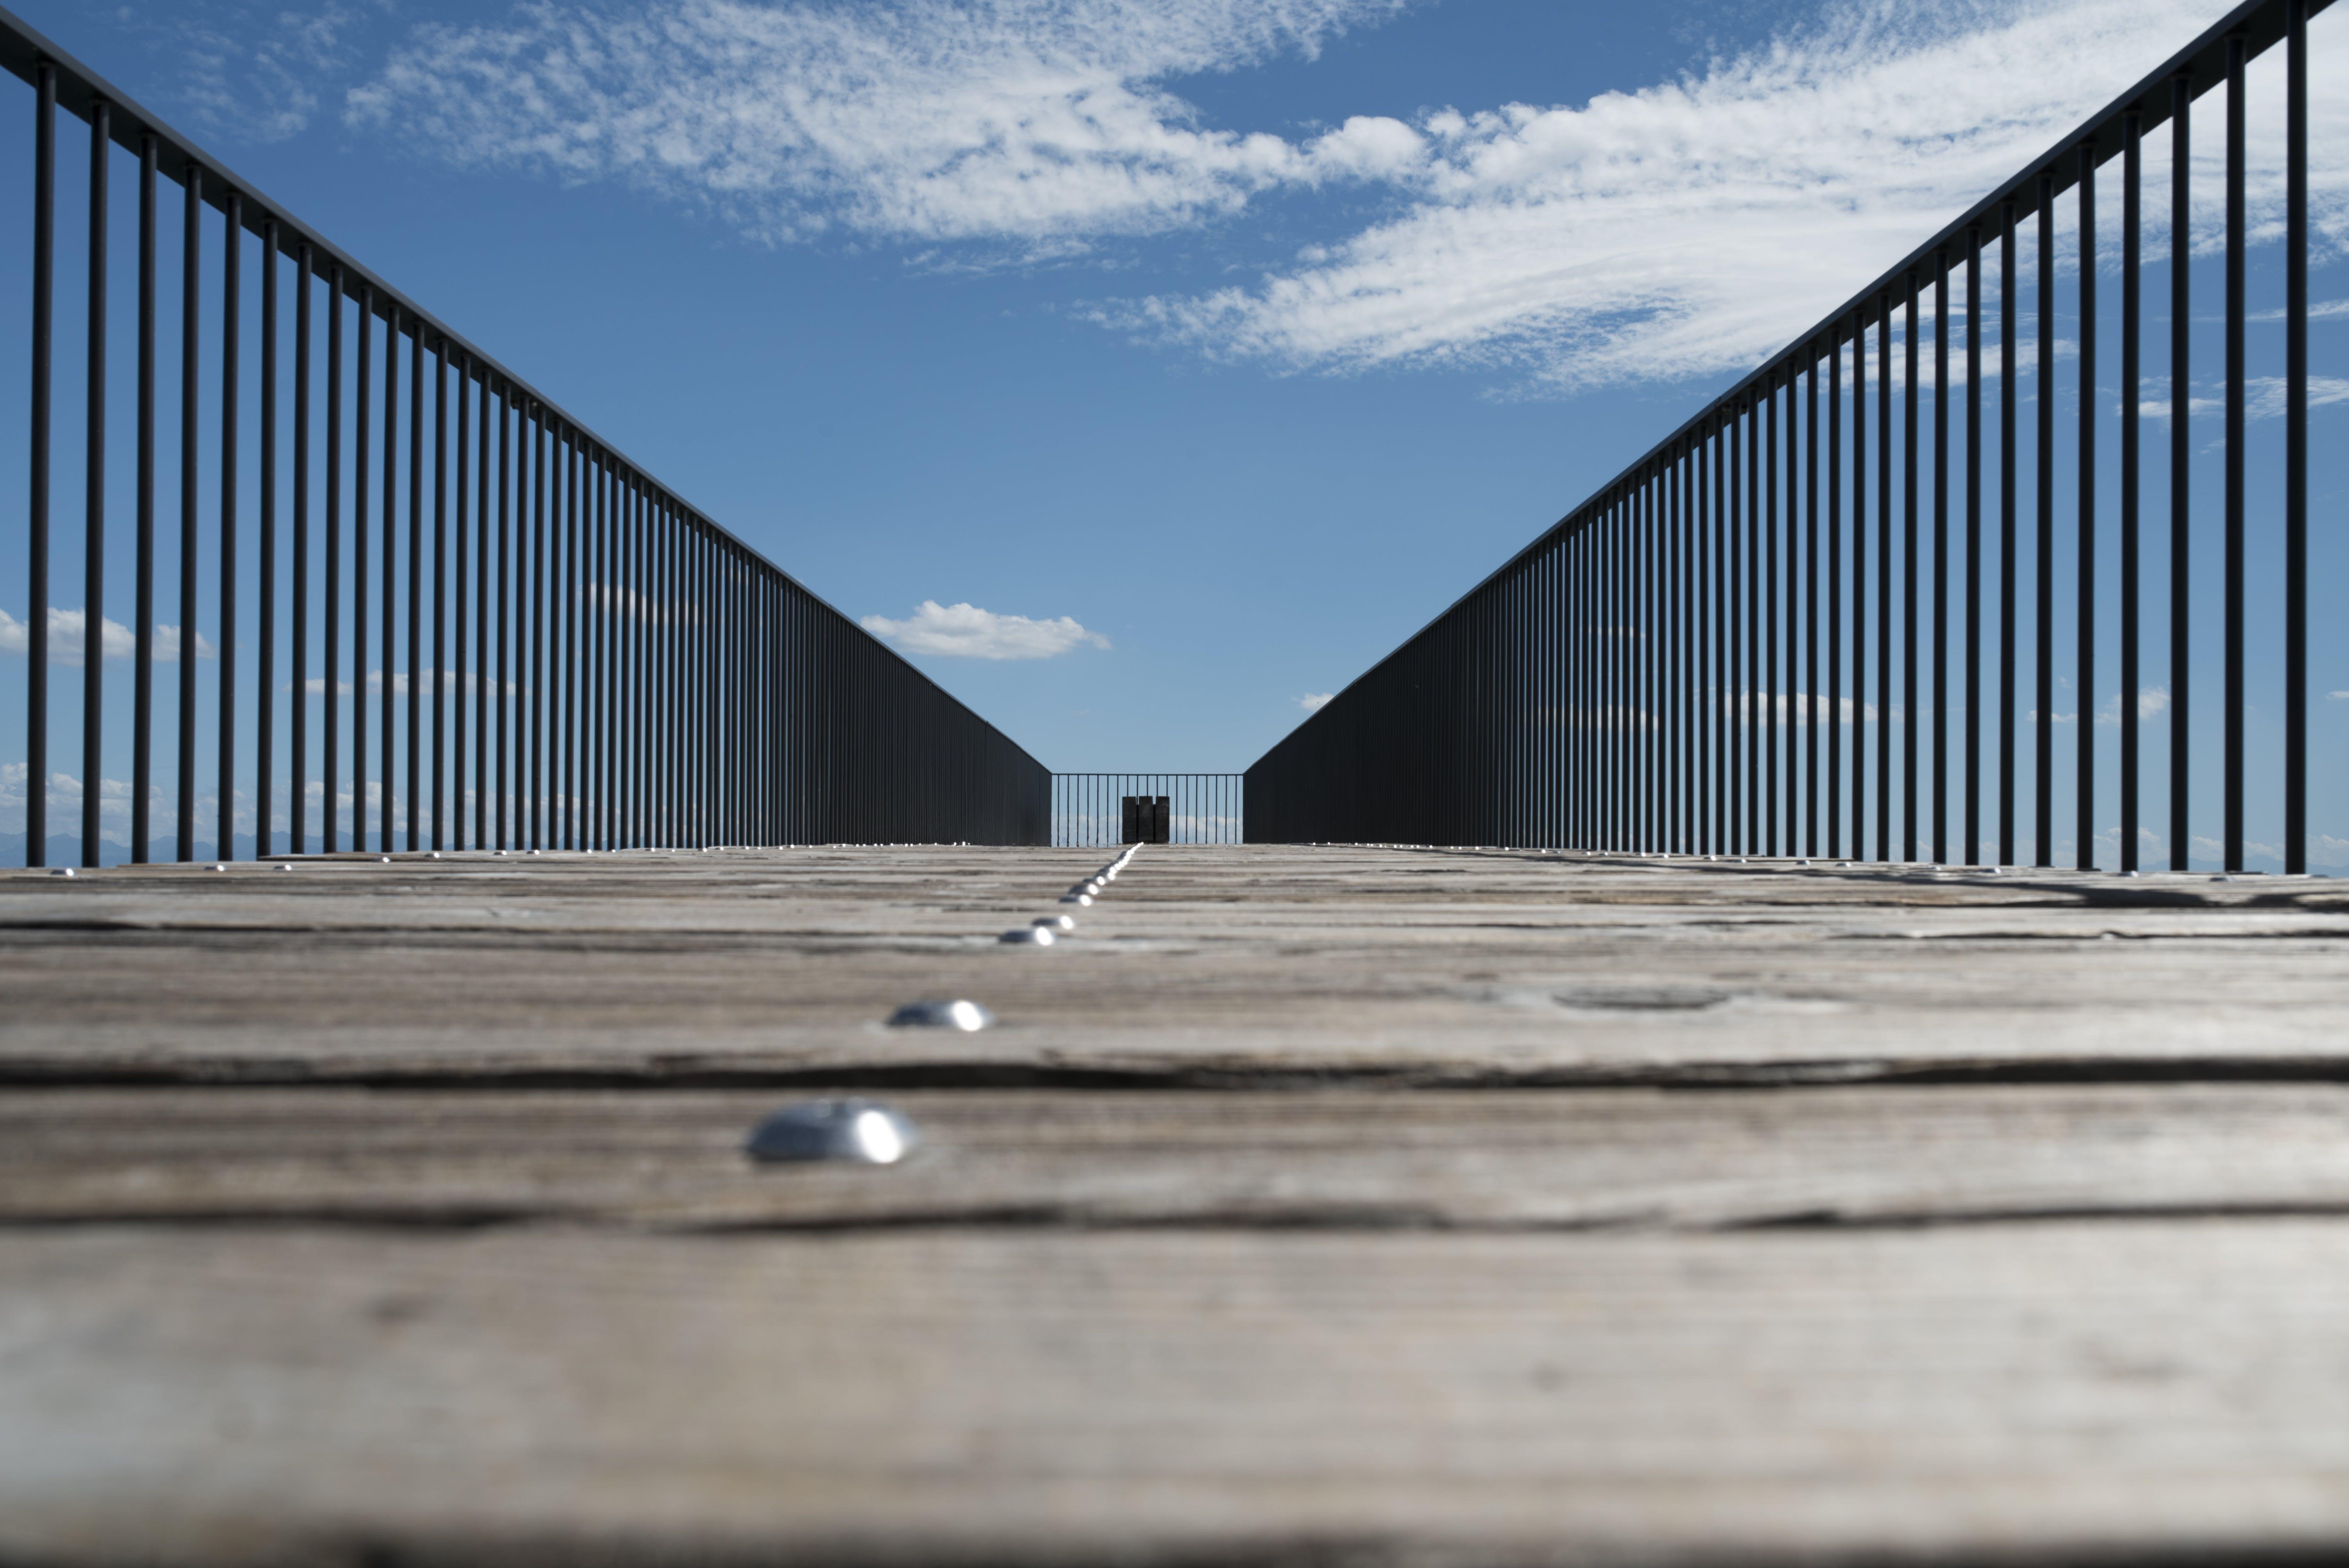 Gratis arkivbilde med arkitektur, blå himmel, bro, fekting